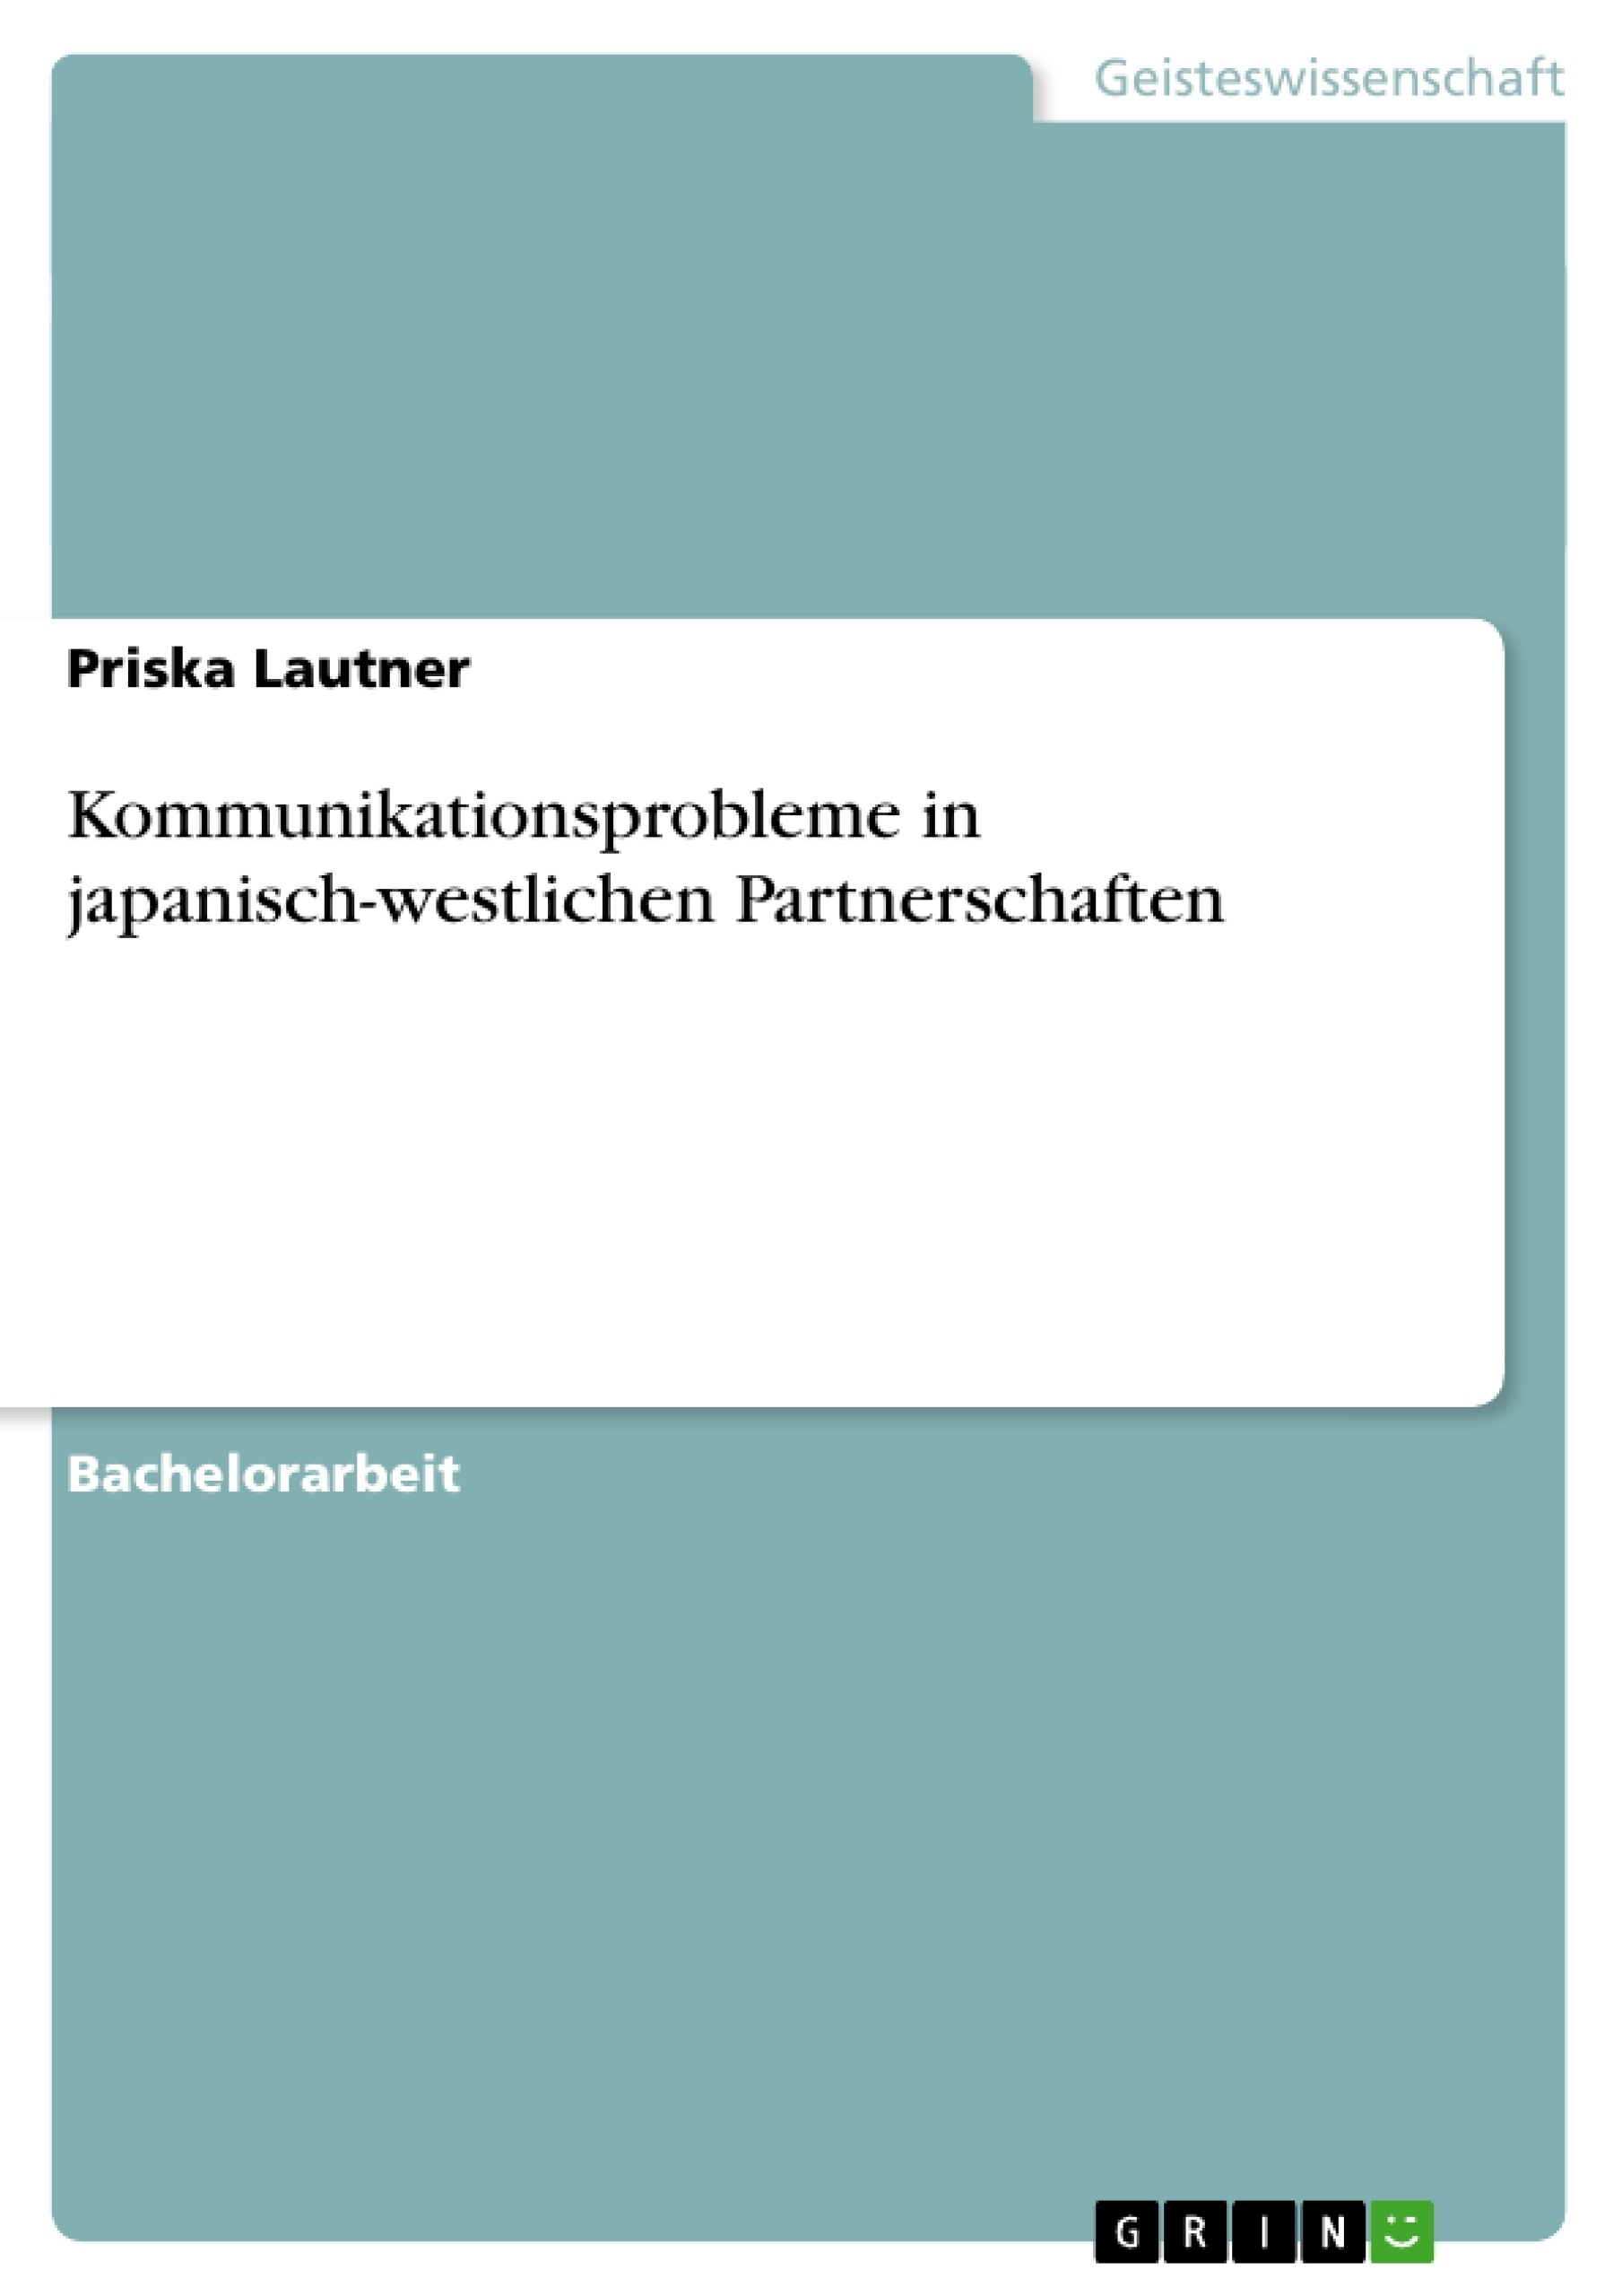 Titel: Kommunikationsprobleme in japanisch-westlichen Partnerschaften